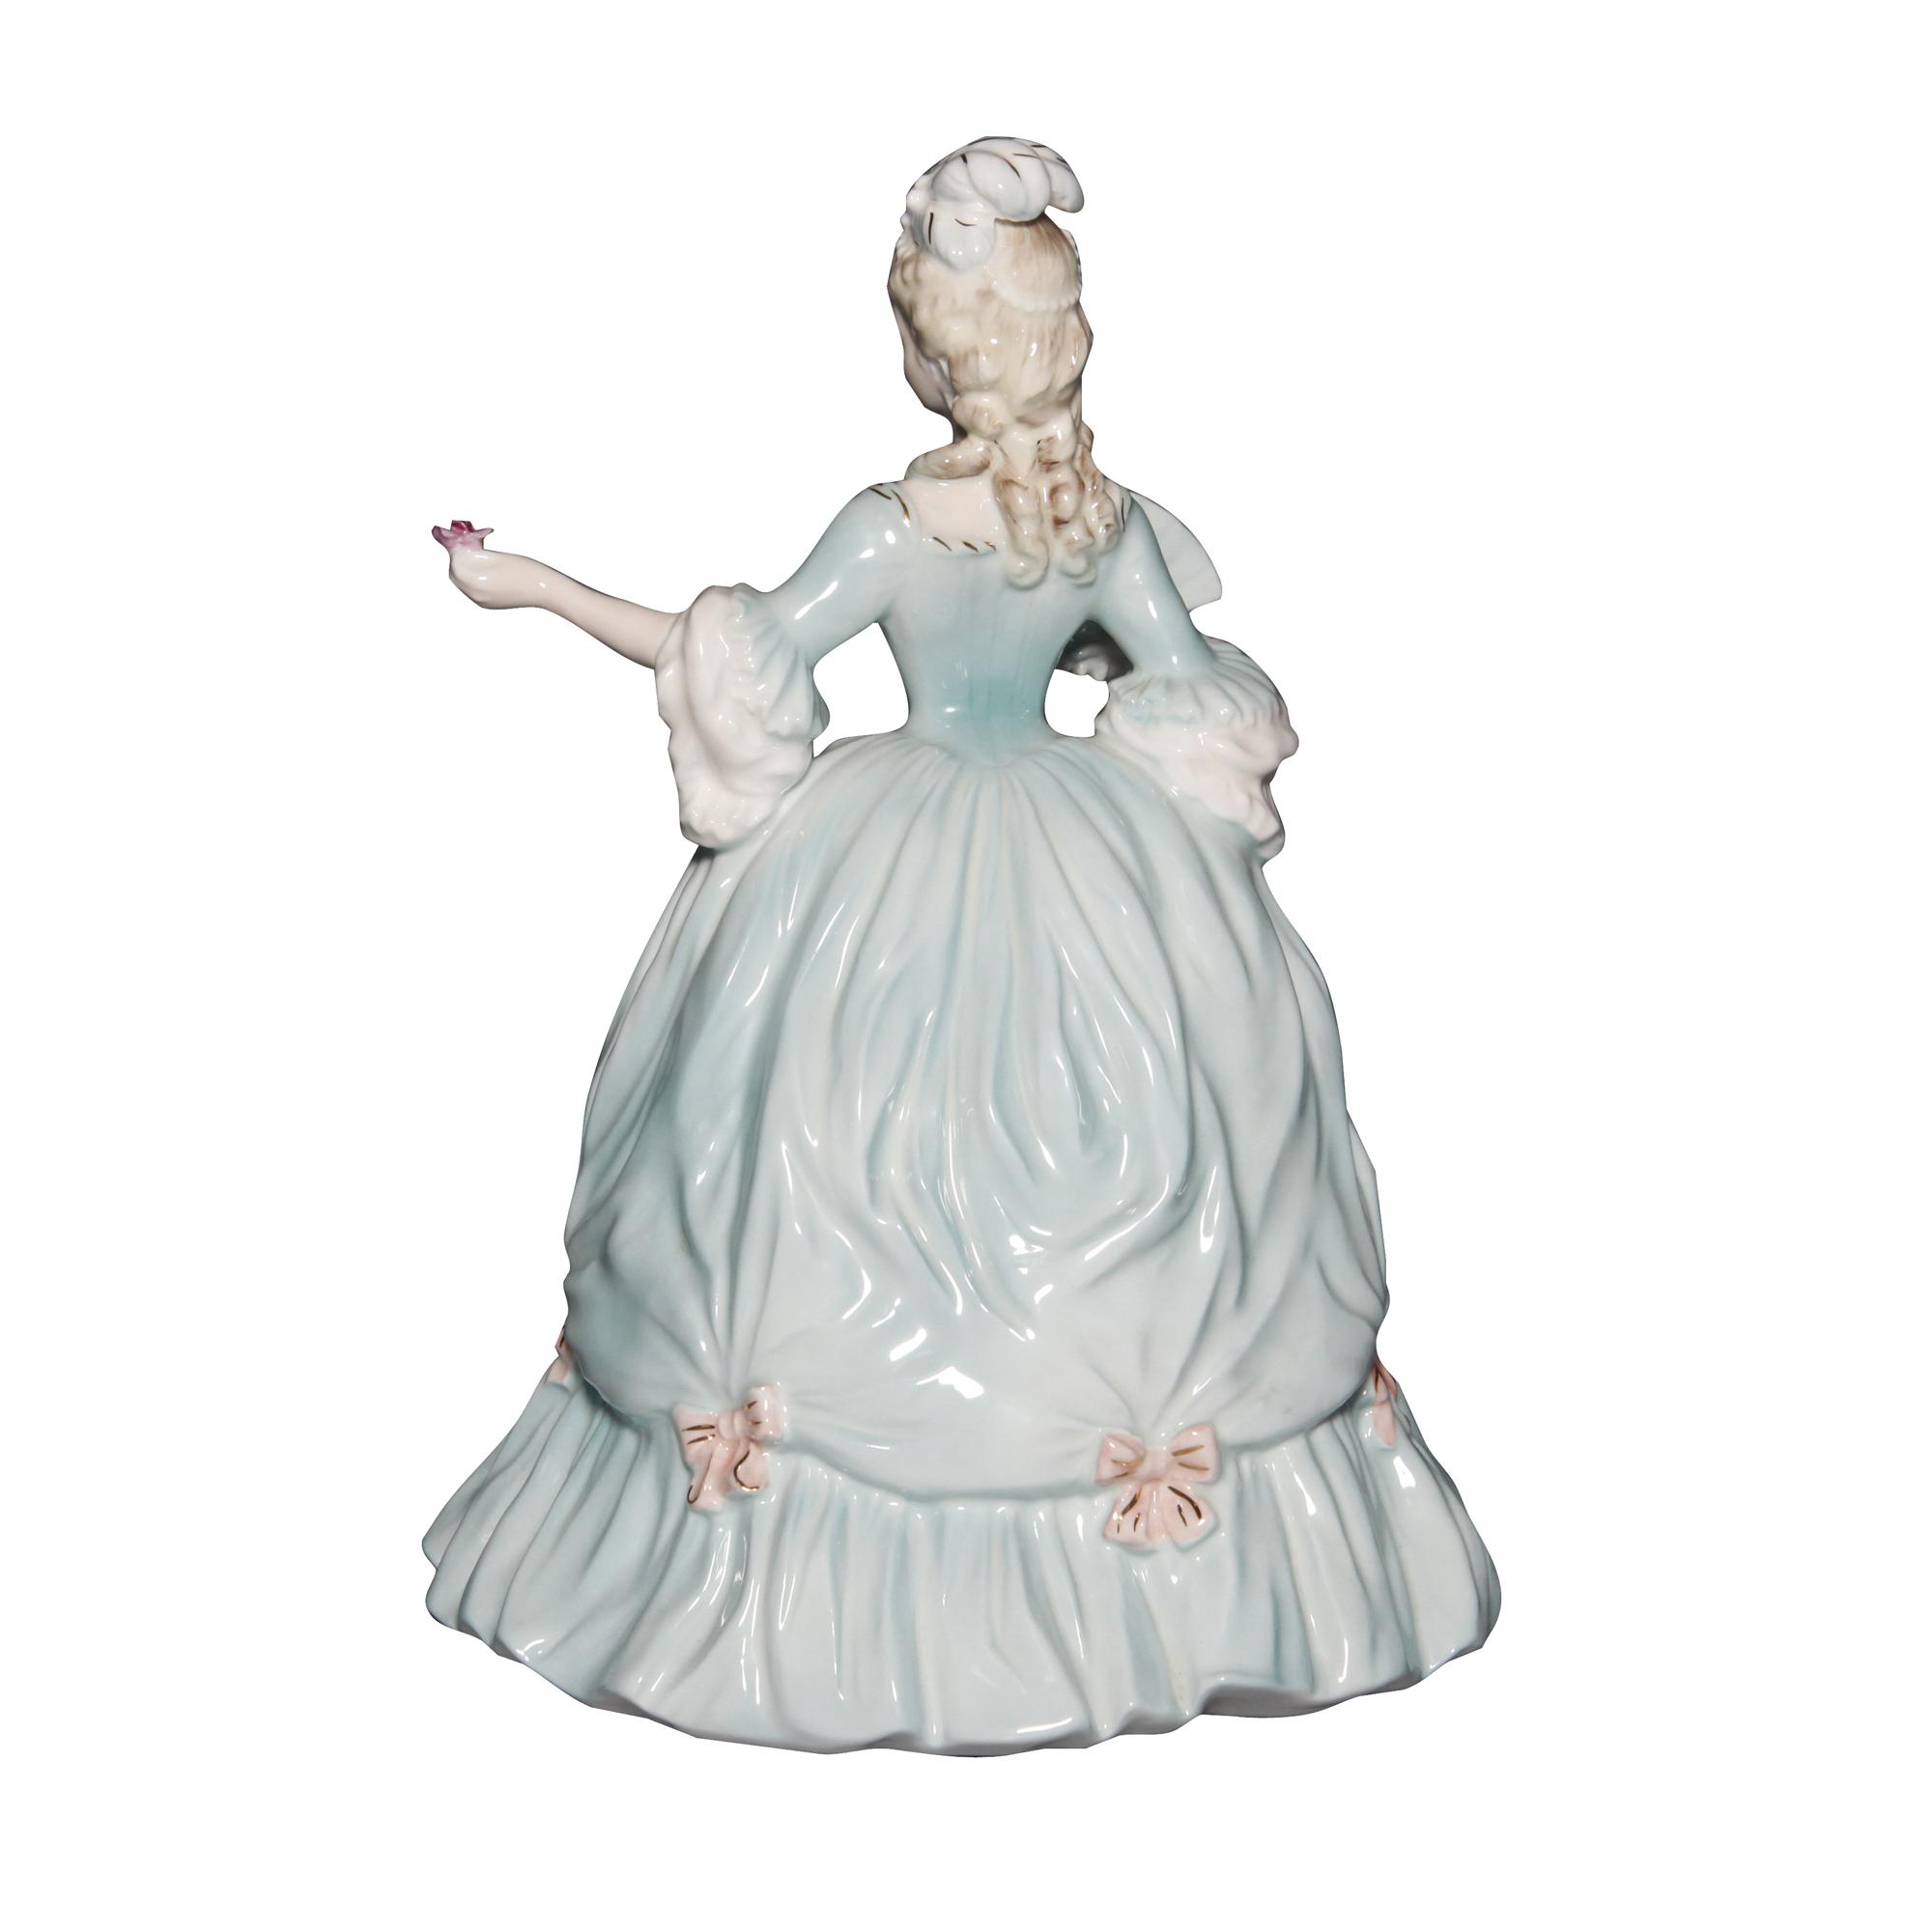 Marie Antoinette Coalport Figurine